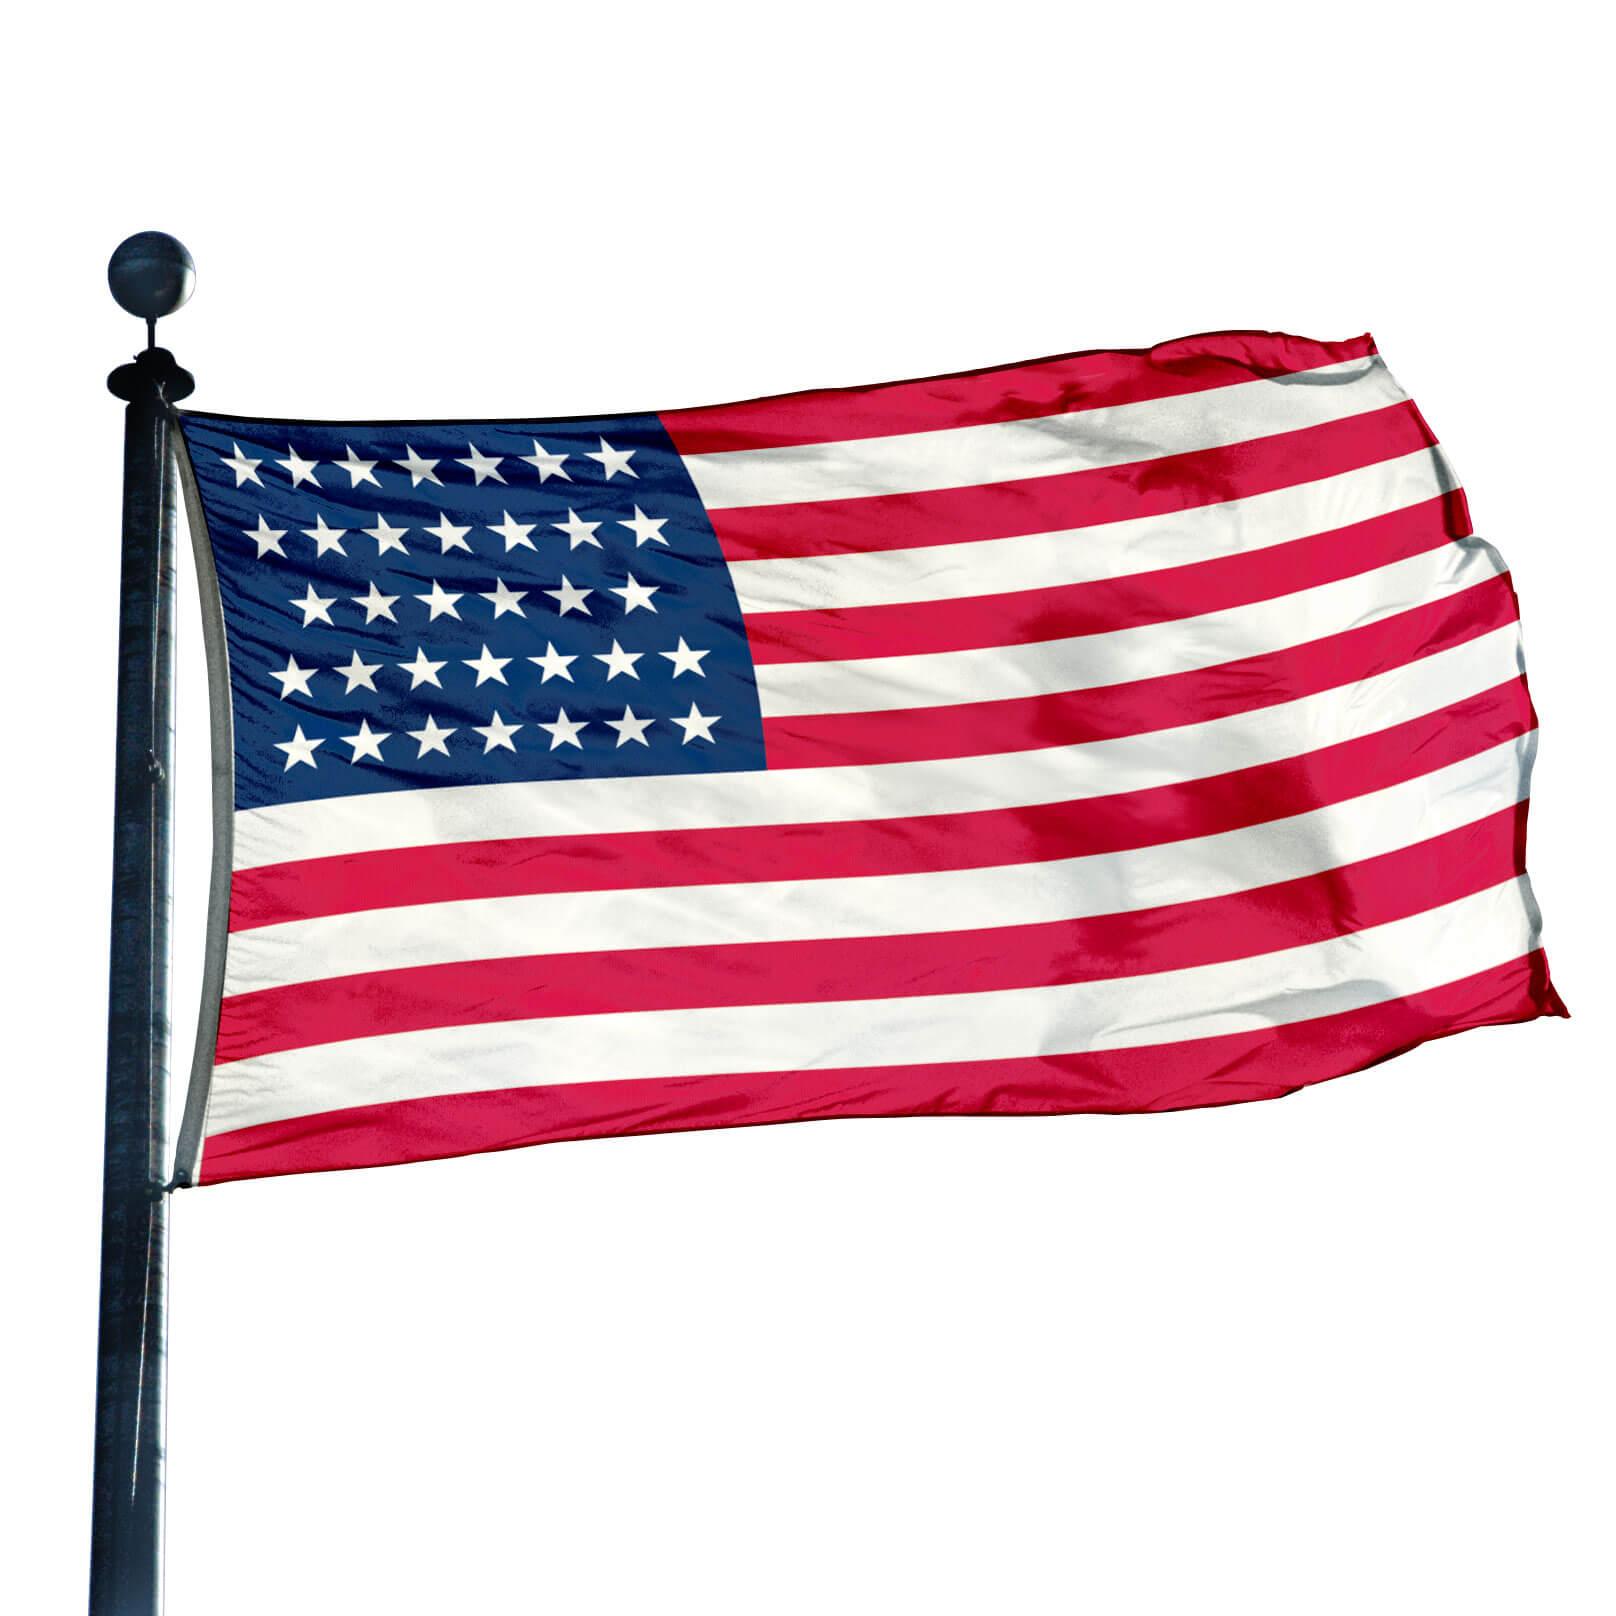 US 34-Star (Civil War ...